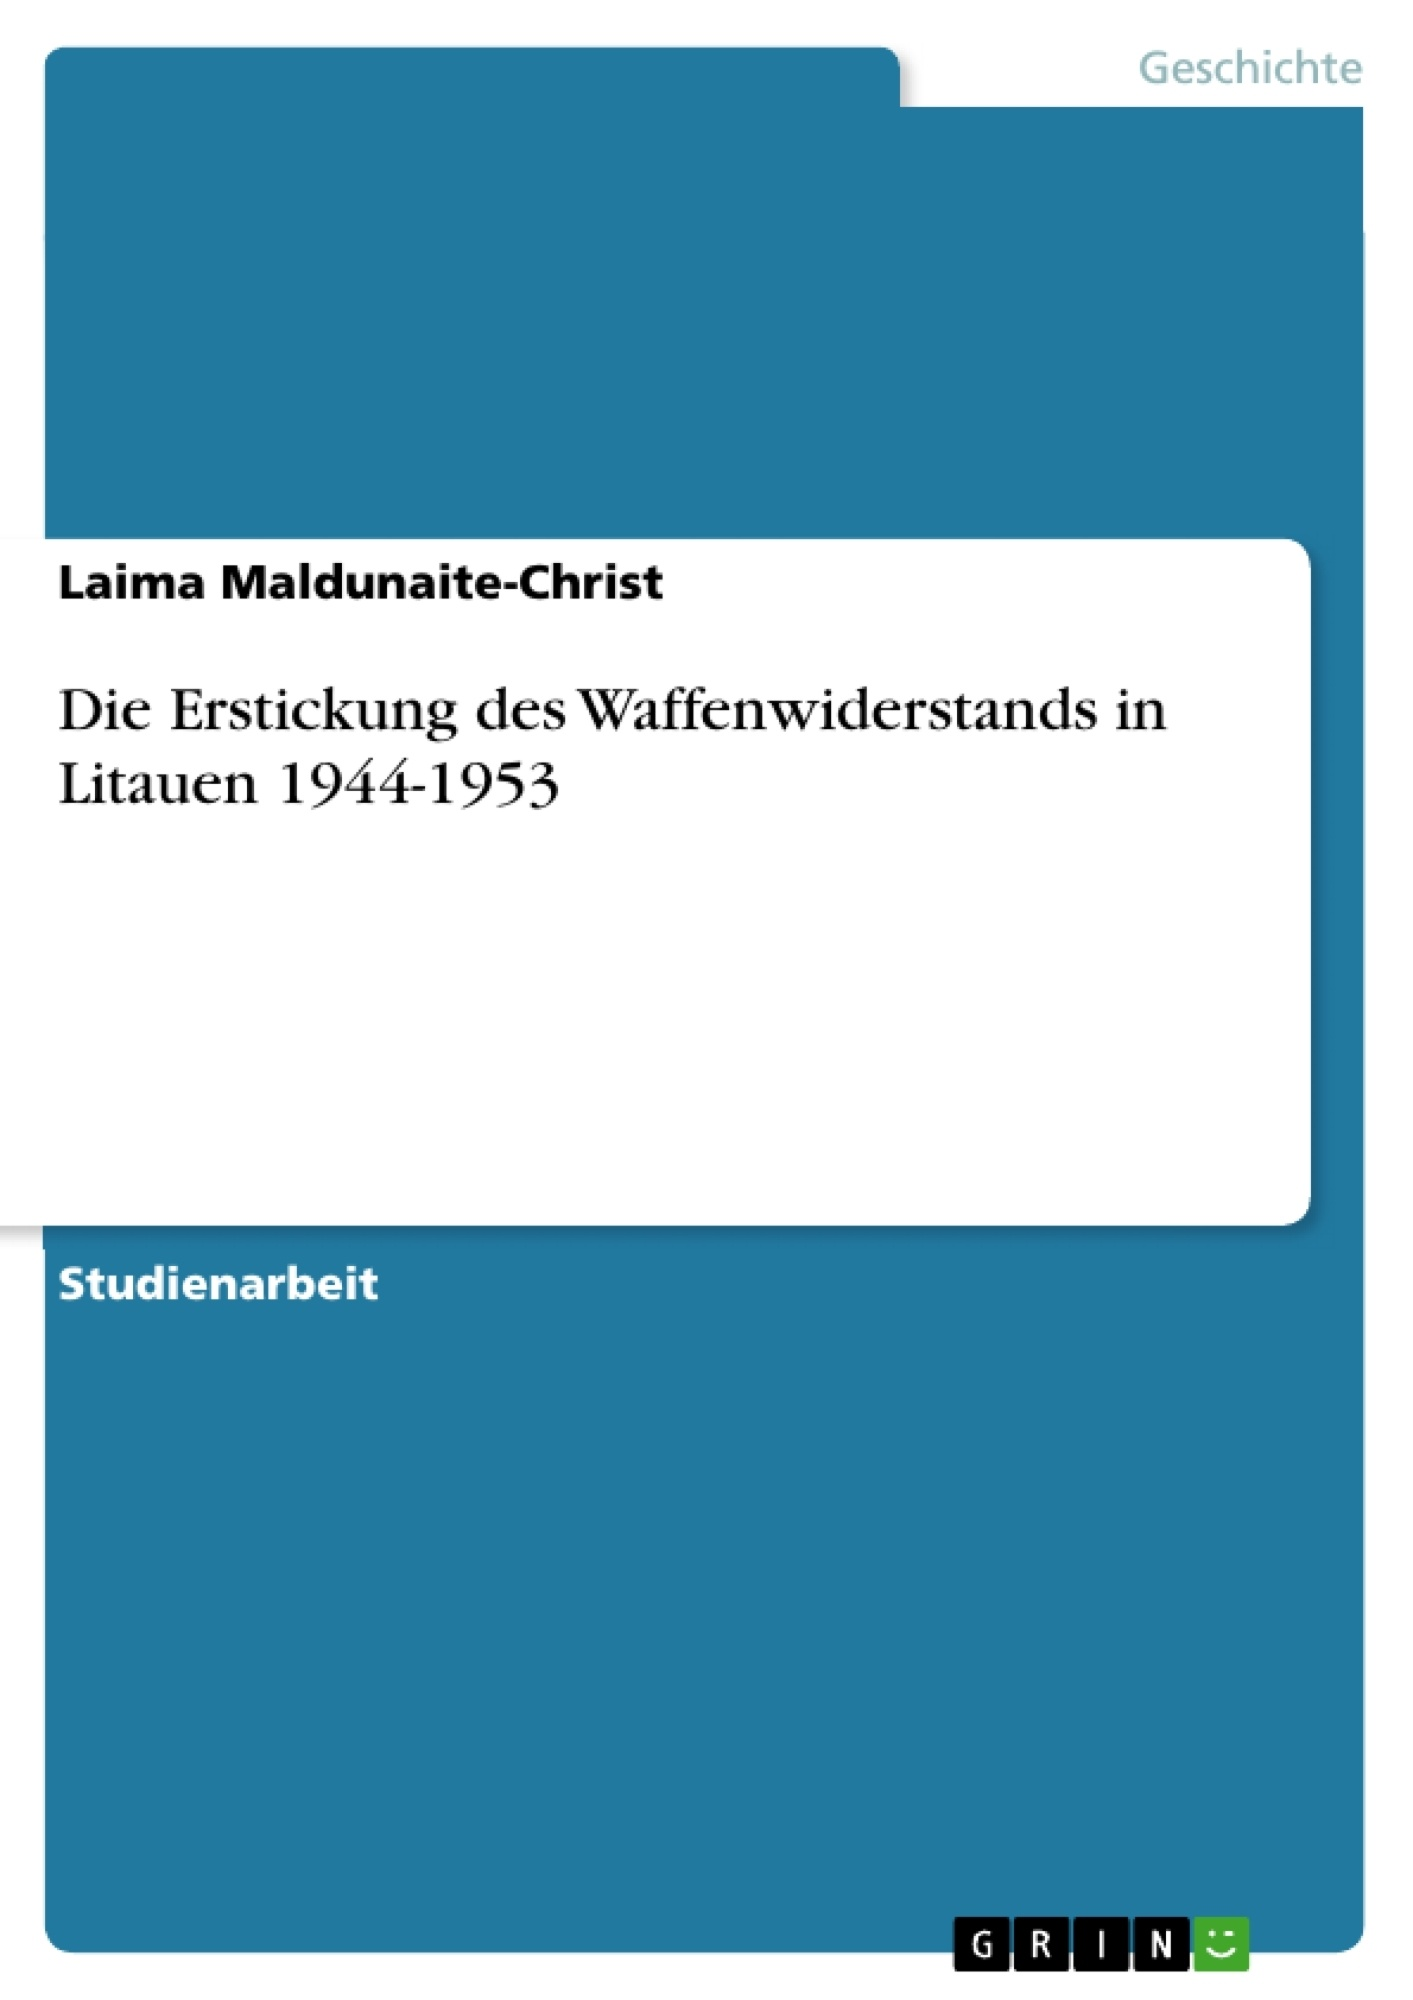 Titel: Die Erstickung des Waffenwiderstands in Litauen 1944-1953